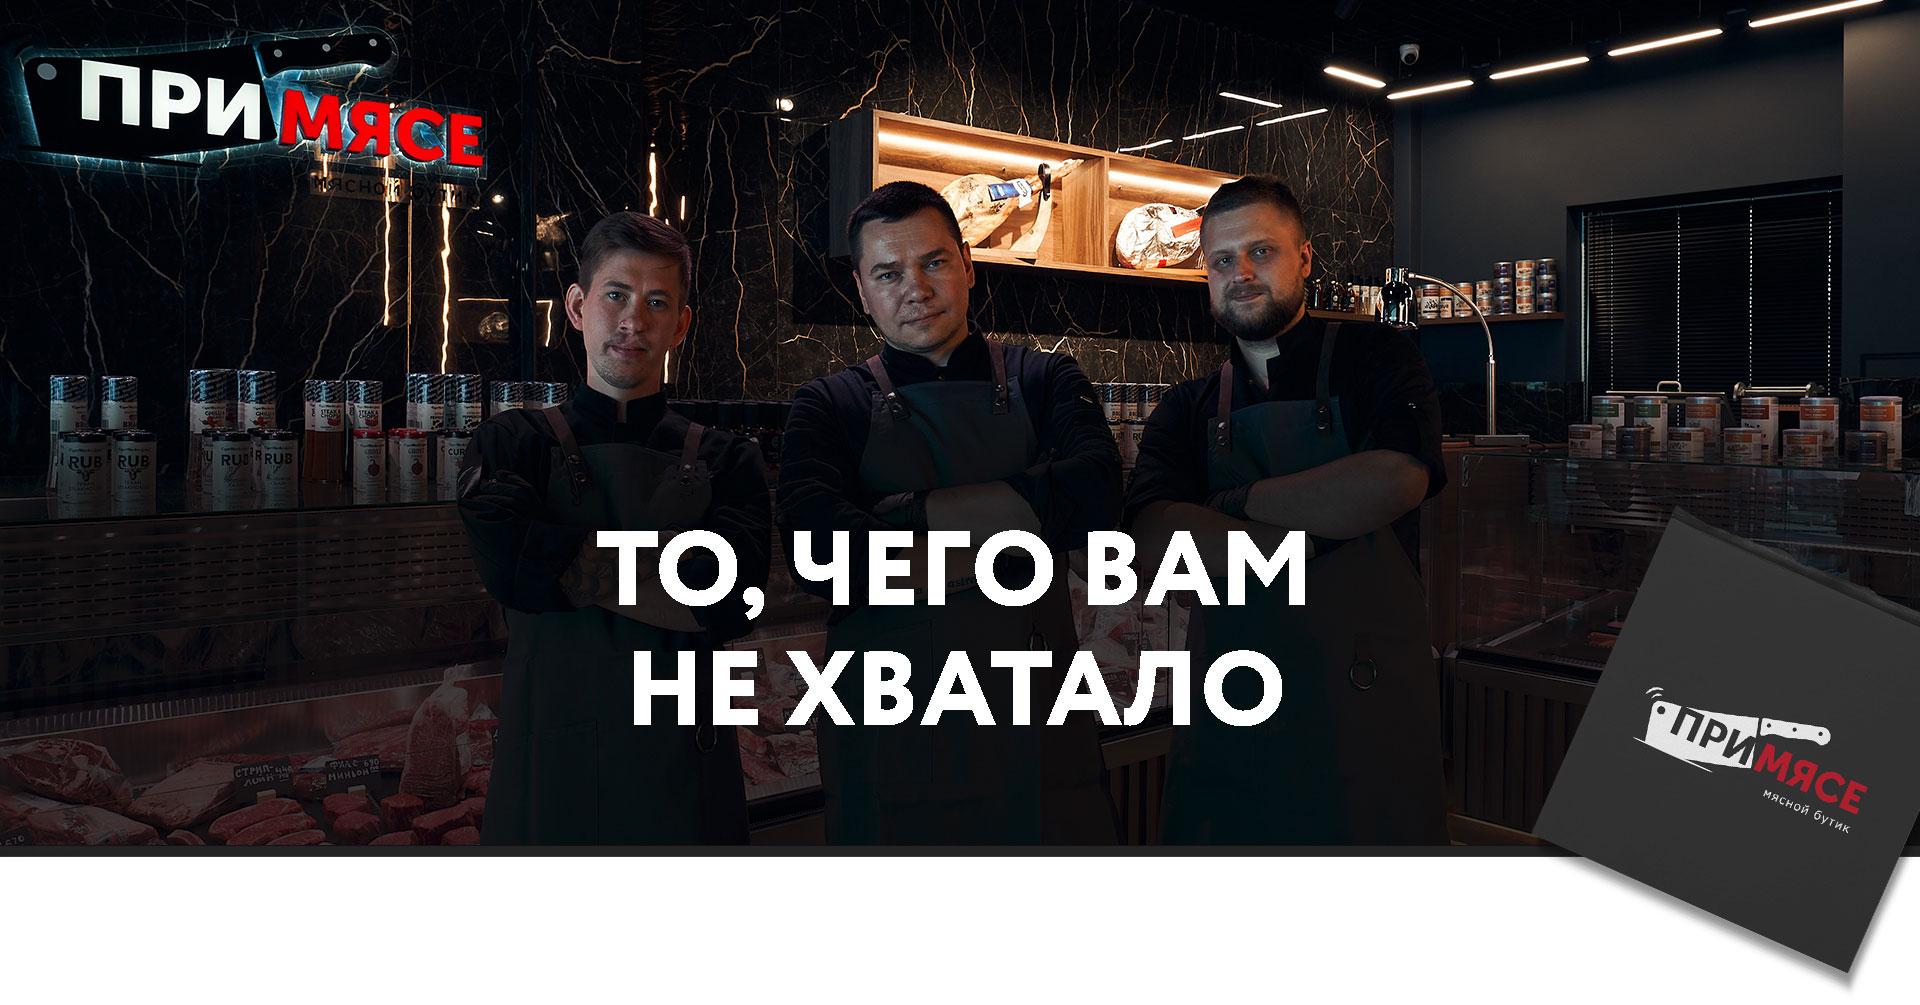 Разработка слогана для магазина